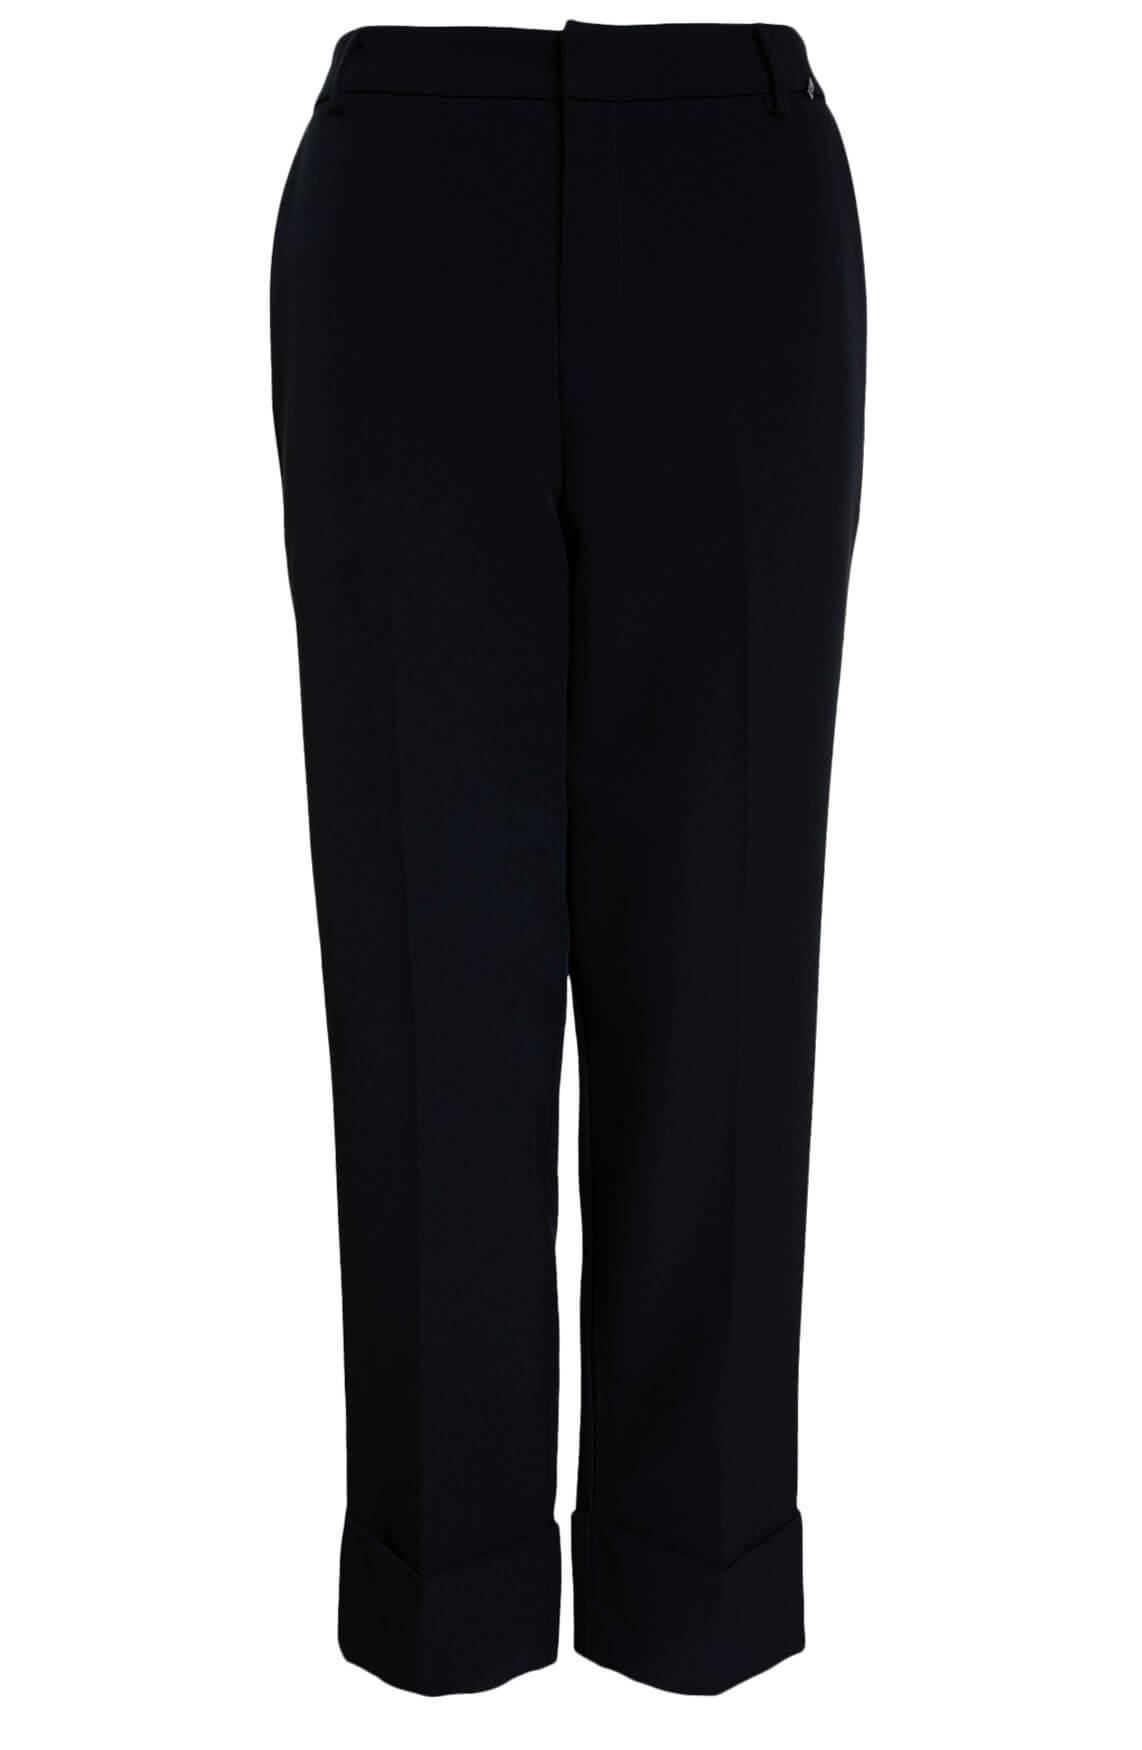 Kocca Dames Pippus pantalon zwart